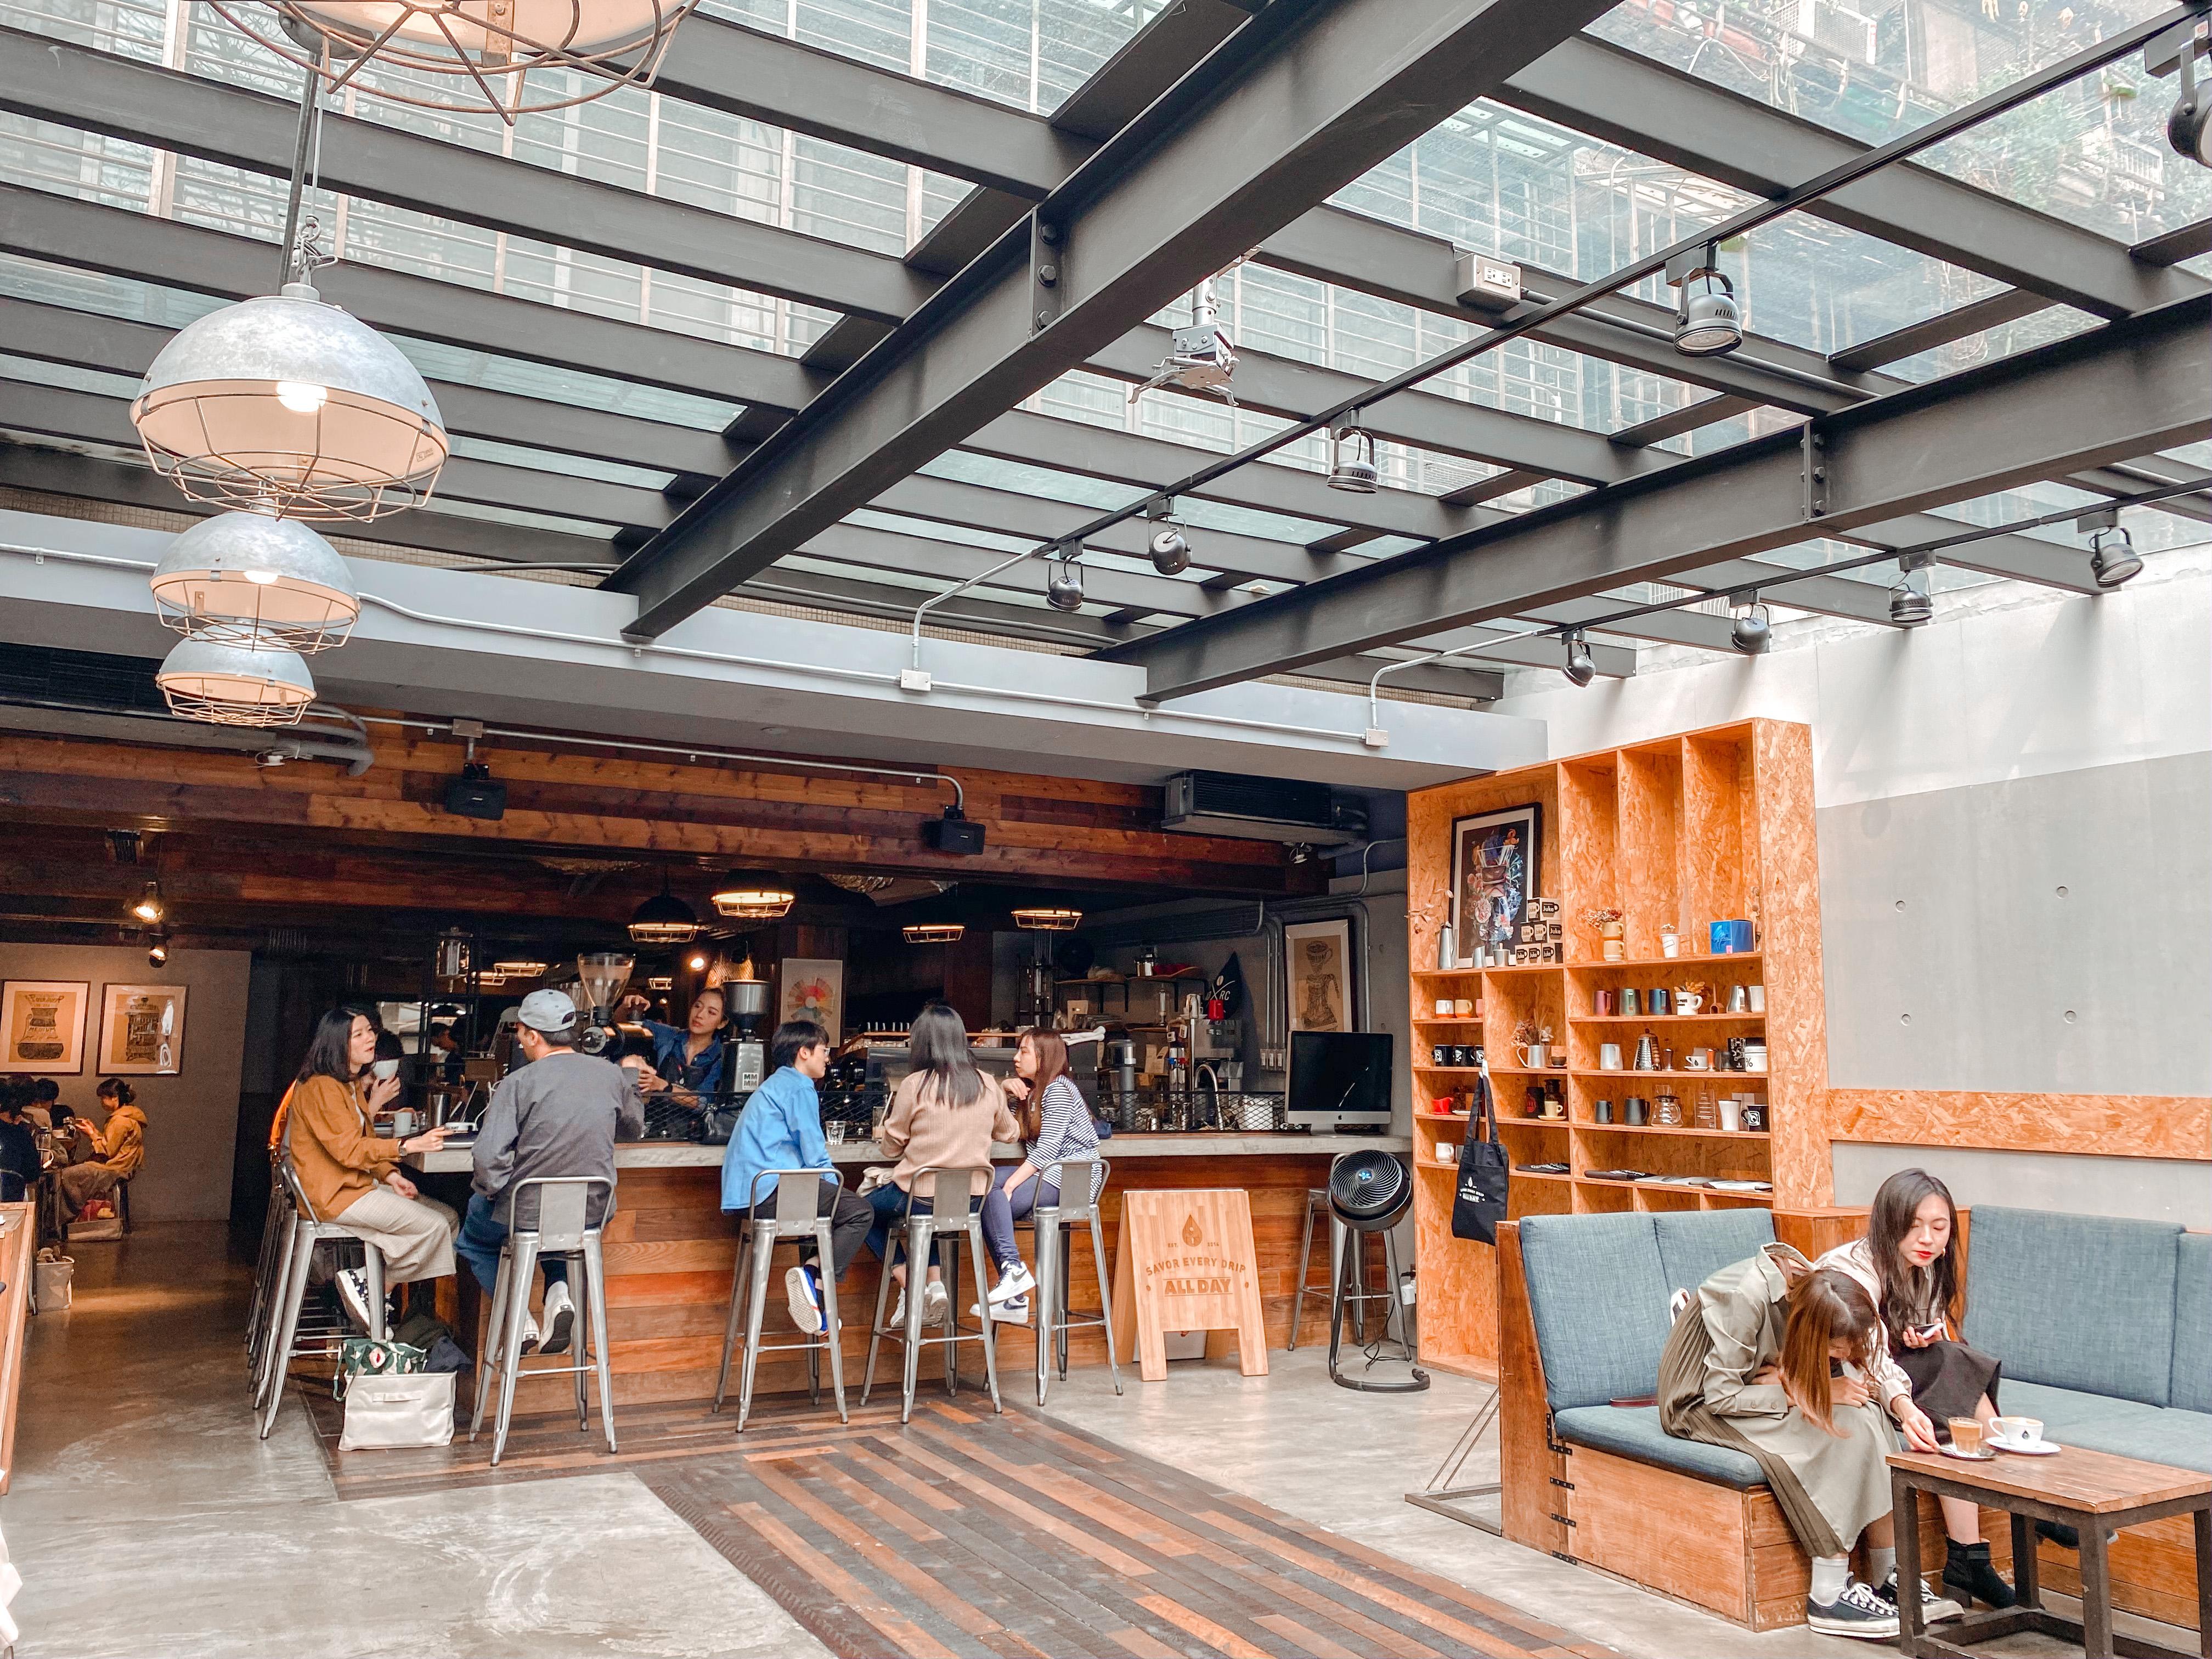 台北松山咖啡廳|民生社區ALL DAY Roasting Company|陽光灑落的老宅咖啡廳 環境